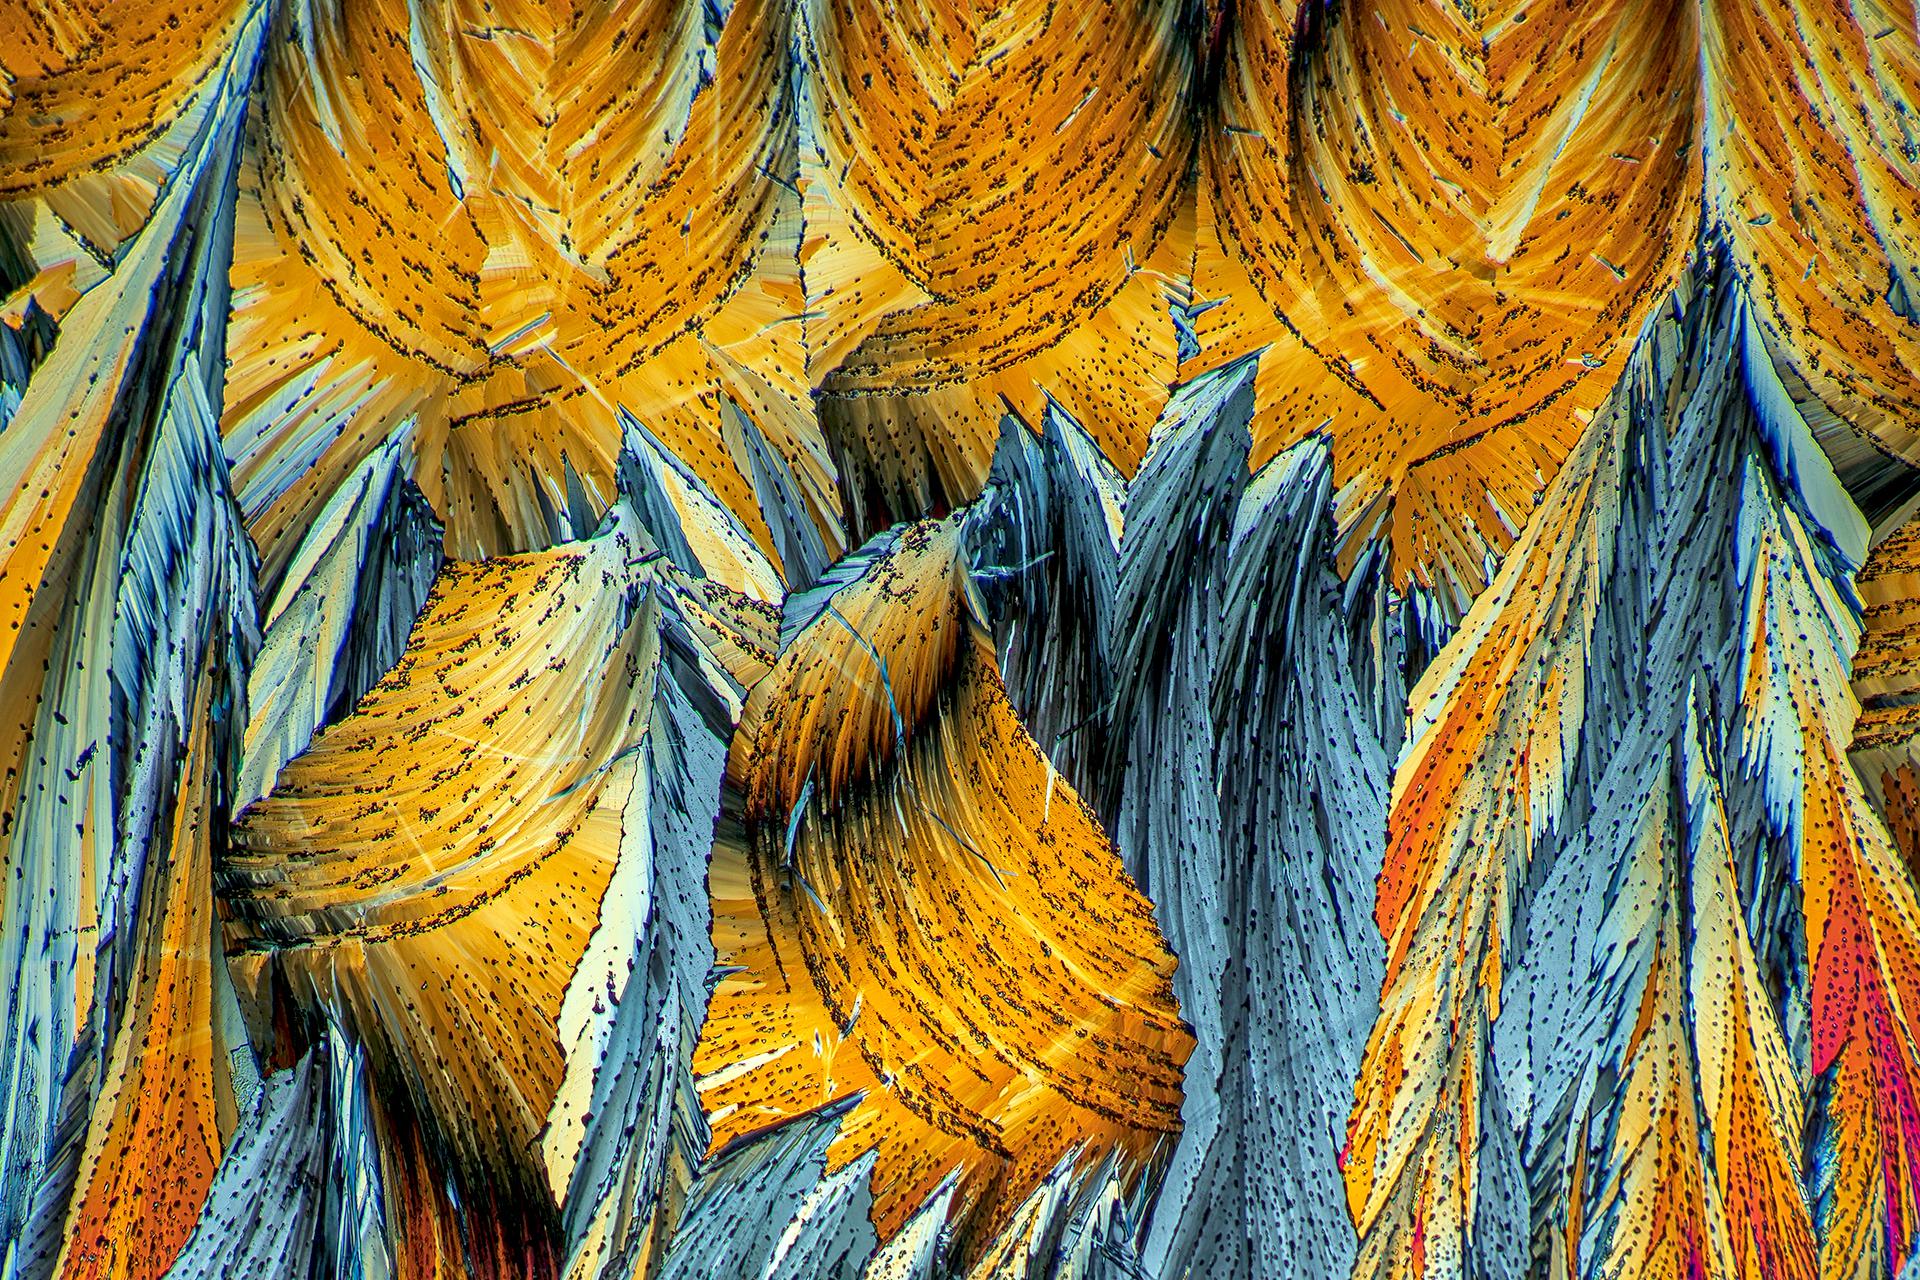 Hippursäure in einer Vergrößerung von 250:1, Mikro Kristall im polarisierten Licht.